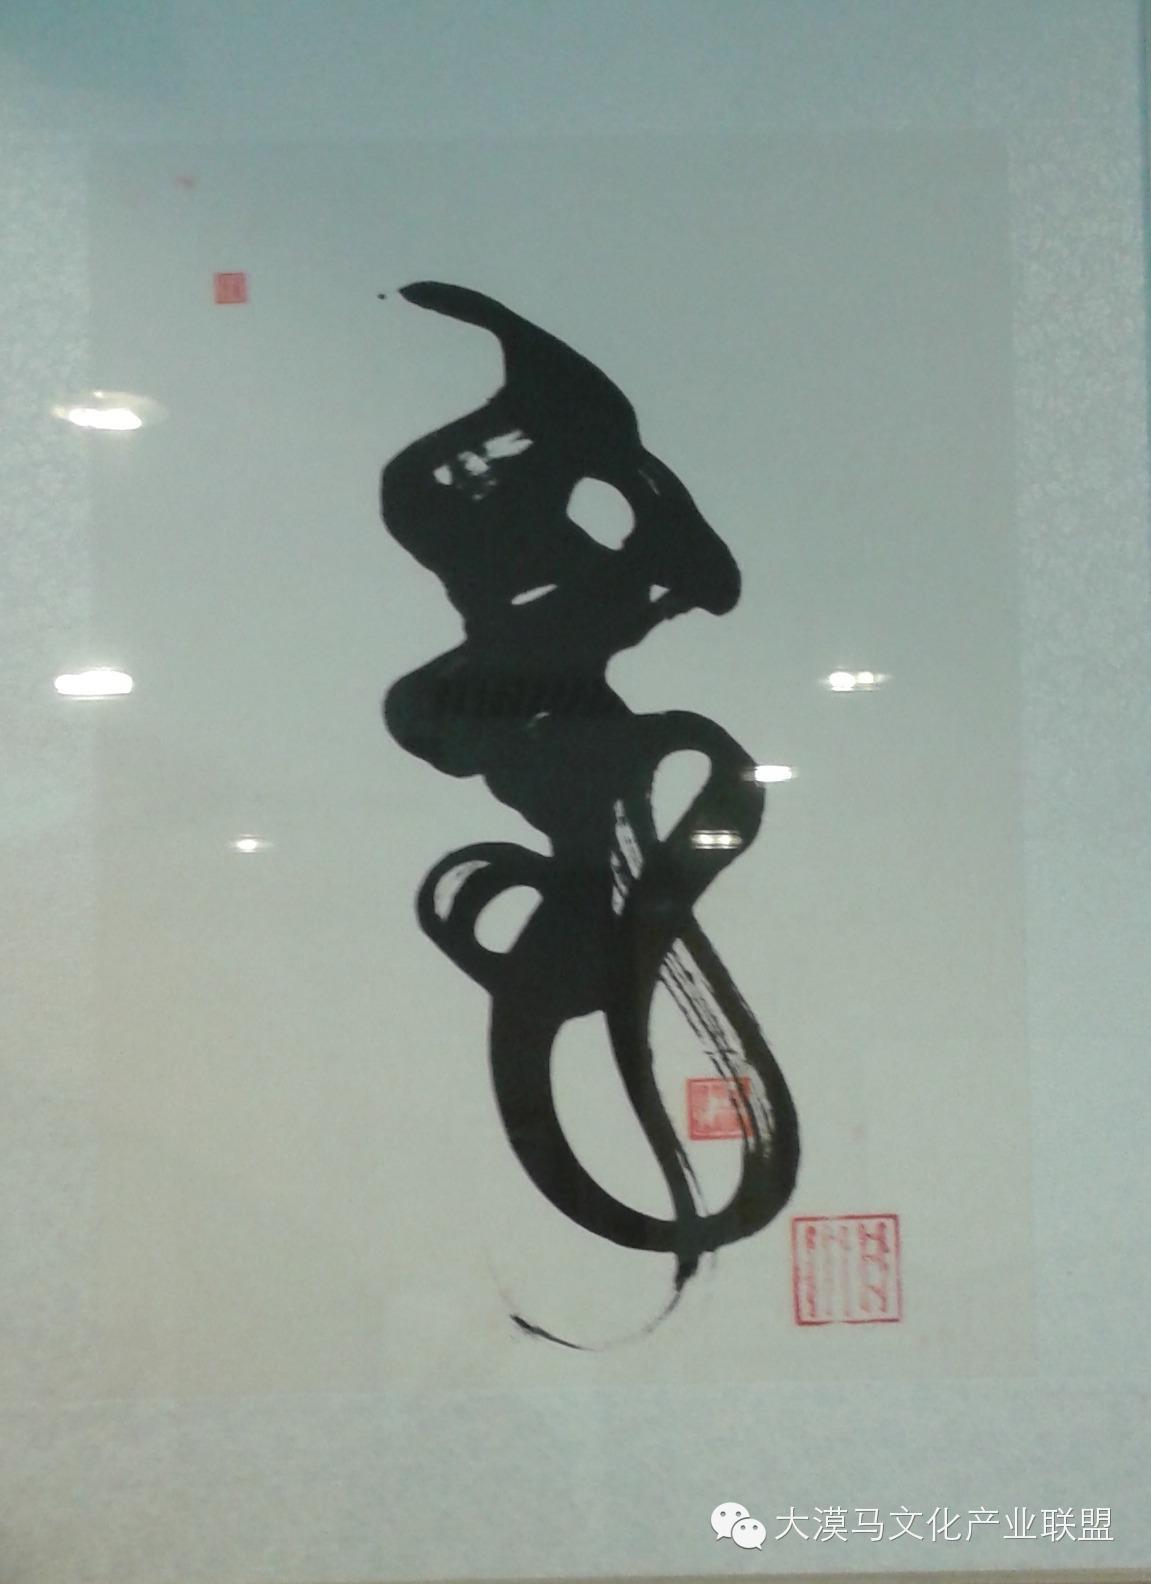 大召当代艺术中心蒙古国画家【拉·苏和巴特尔】 第7张 大召当代艺术中心蒙古国画家【拉·苏和巴特尔】 蒙古画廊